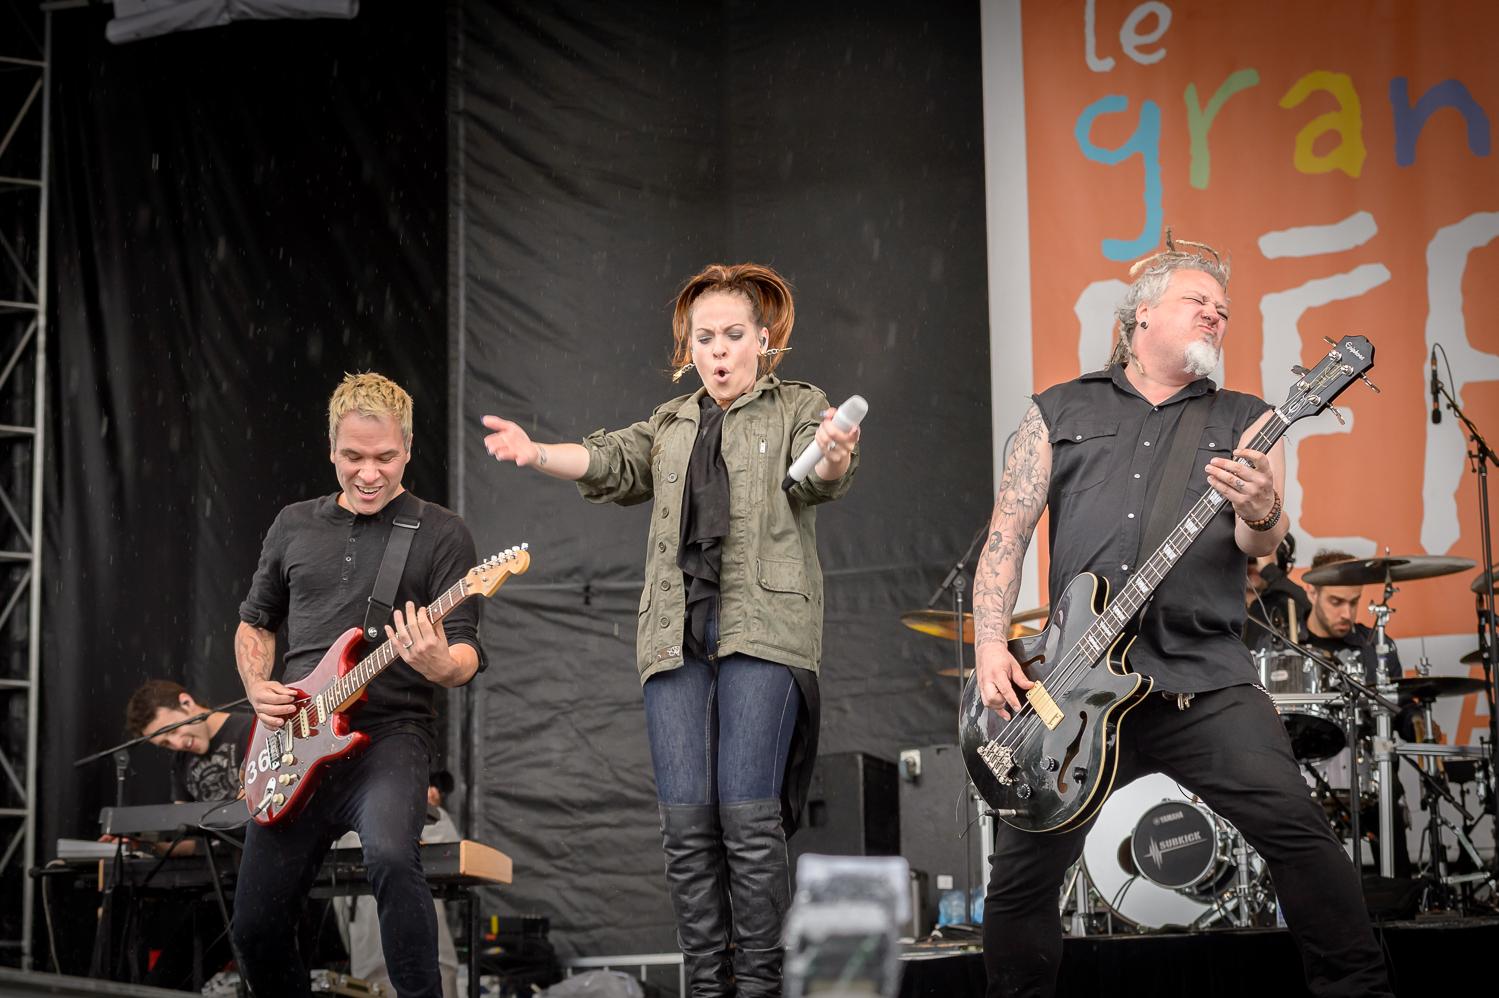 Marie-Mai et ses musiciens